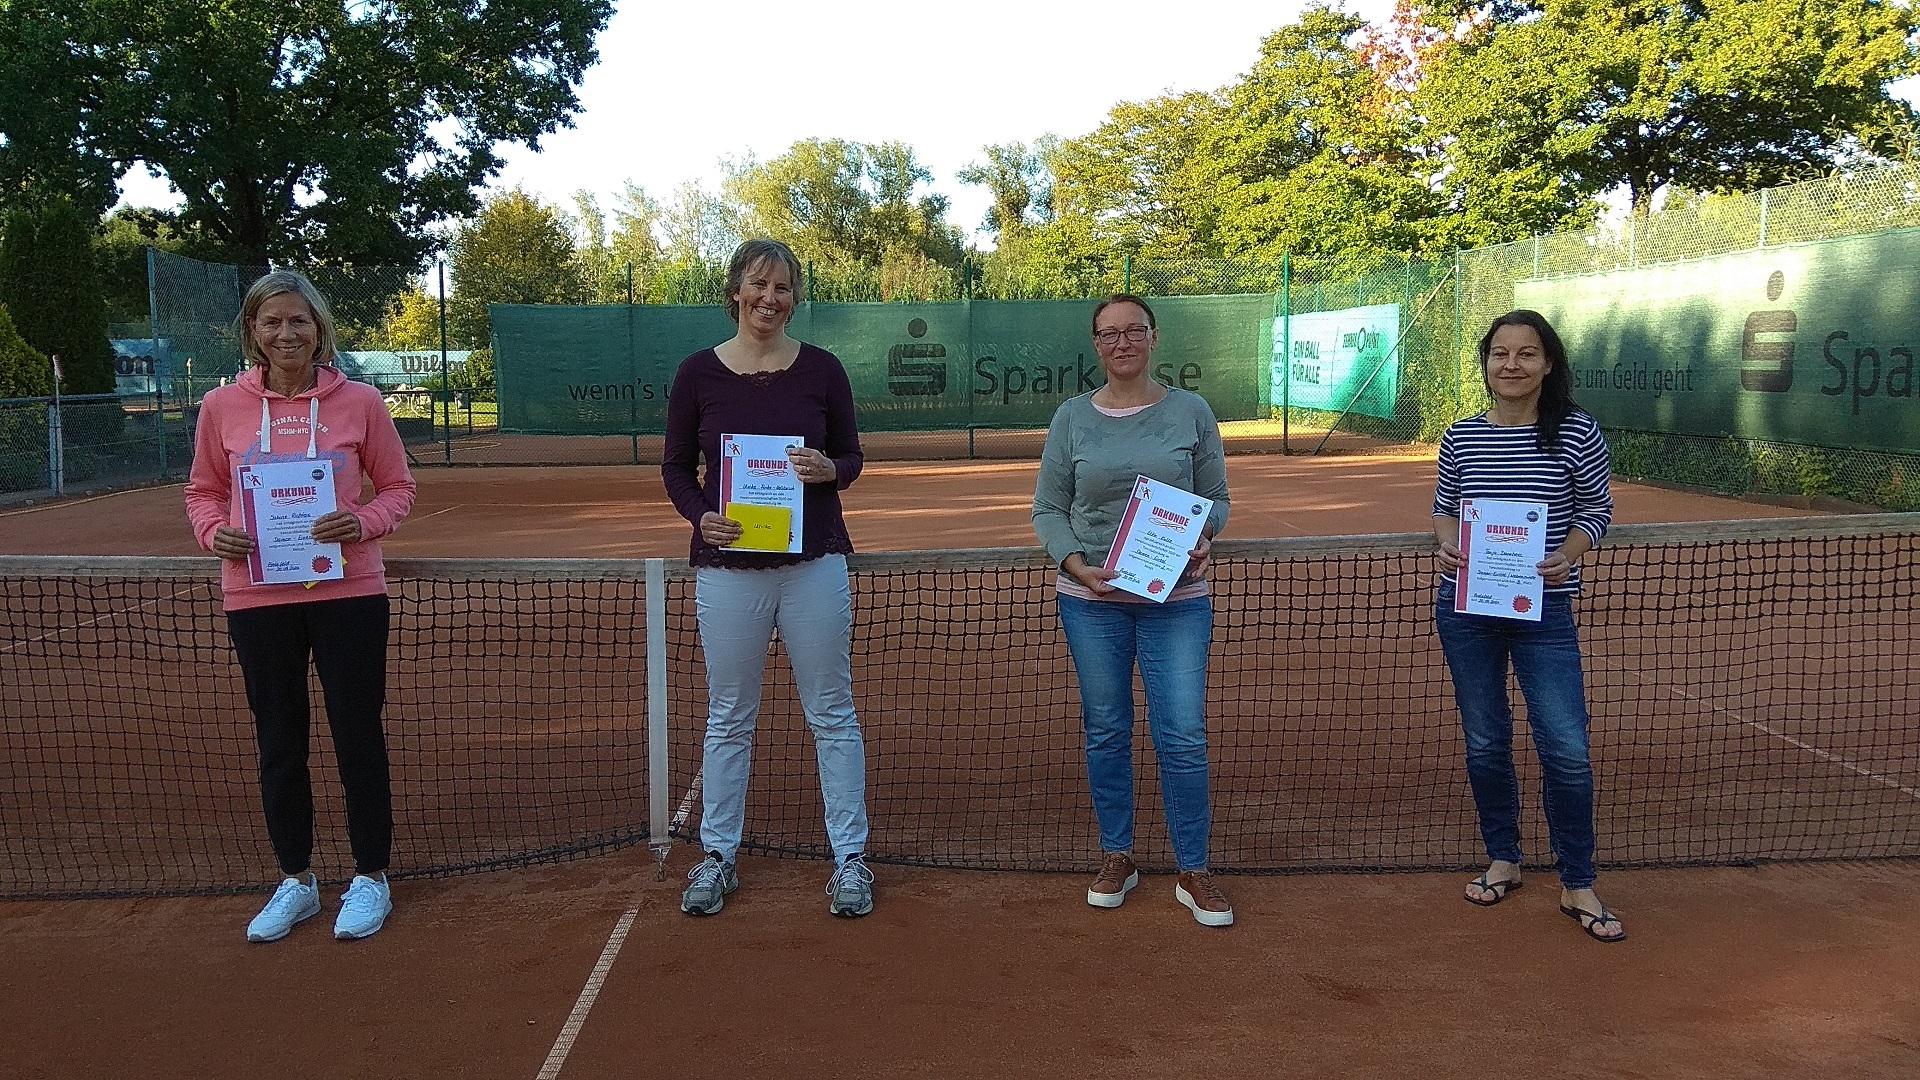 telekom-post-sv-bielefeld-tennisabteilung-vereinsmeisterschaften-2020-siegerinnen-damen-einzel-hauptrunde-hp